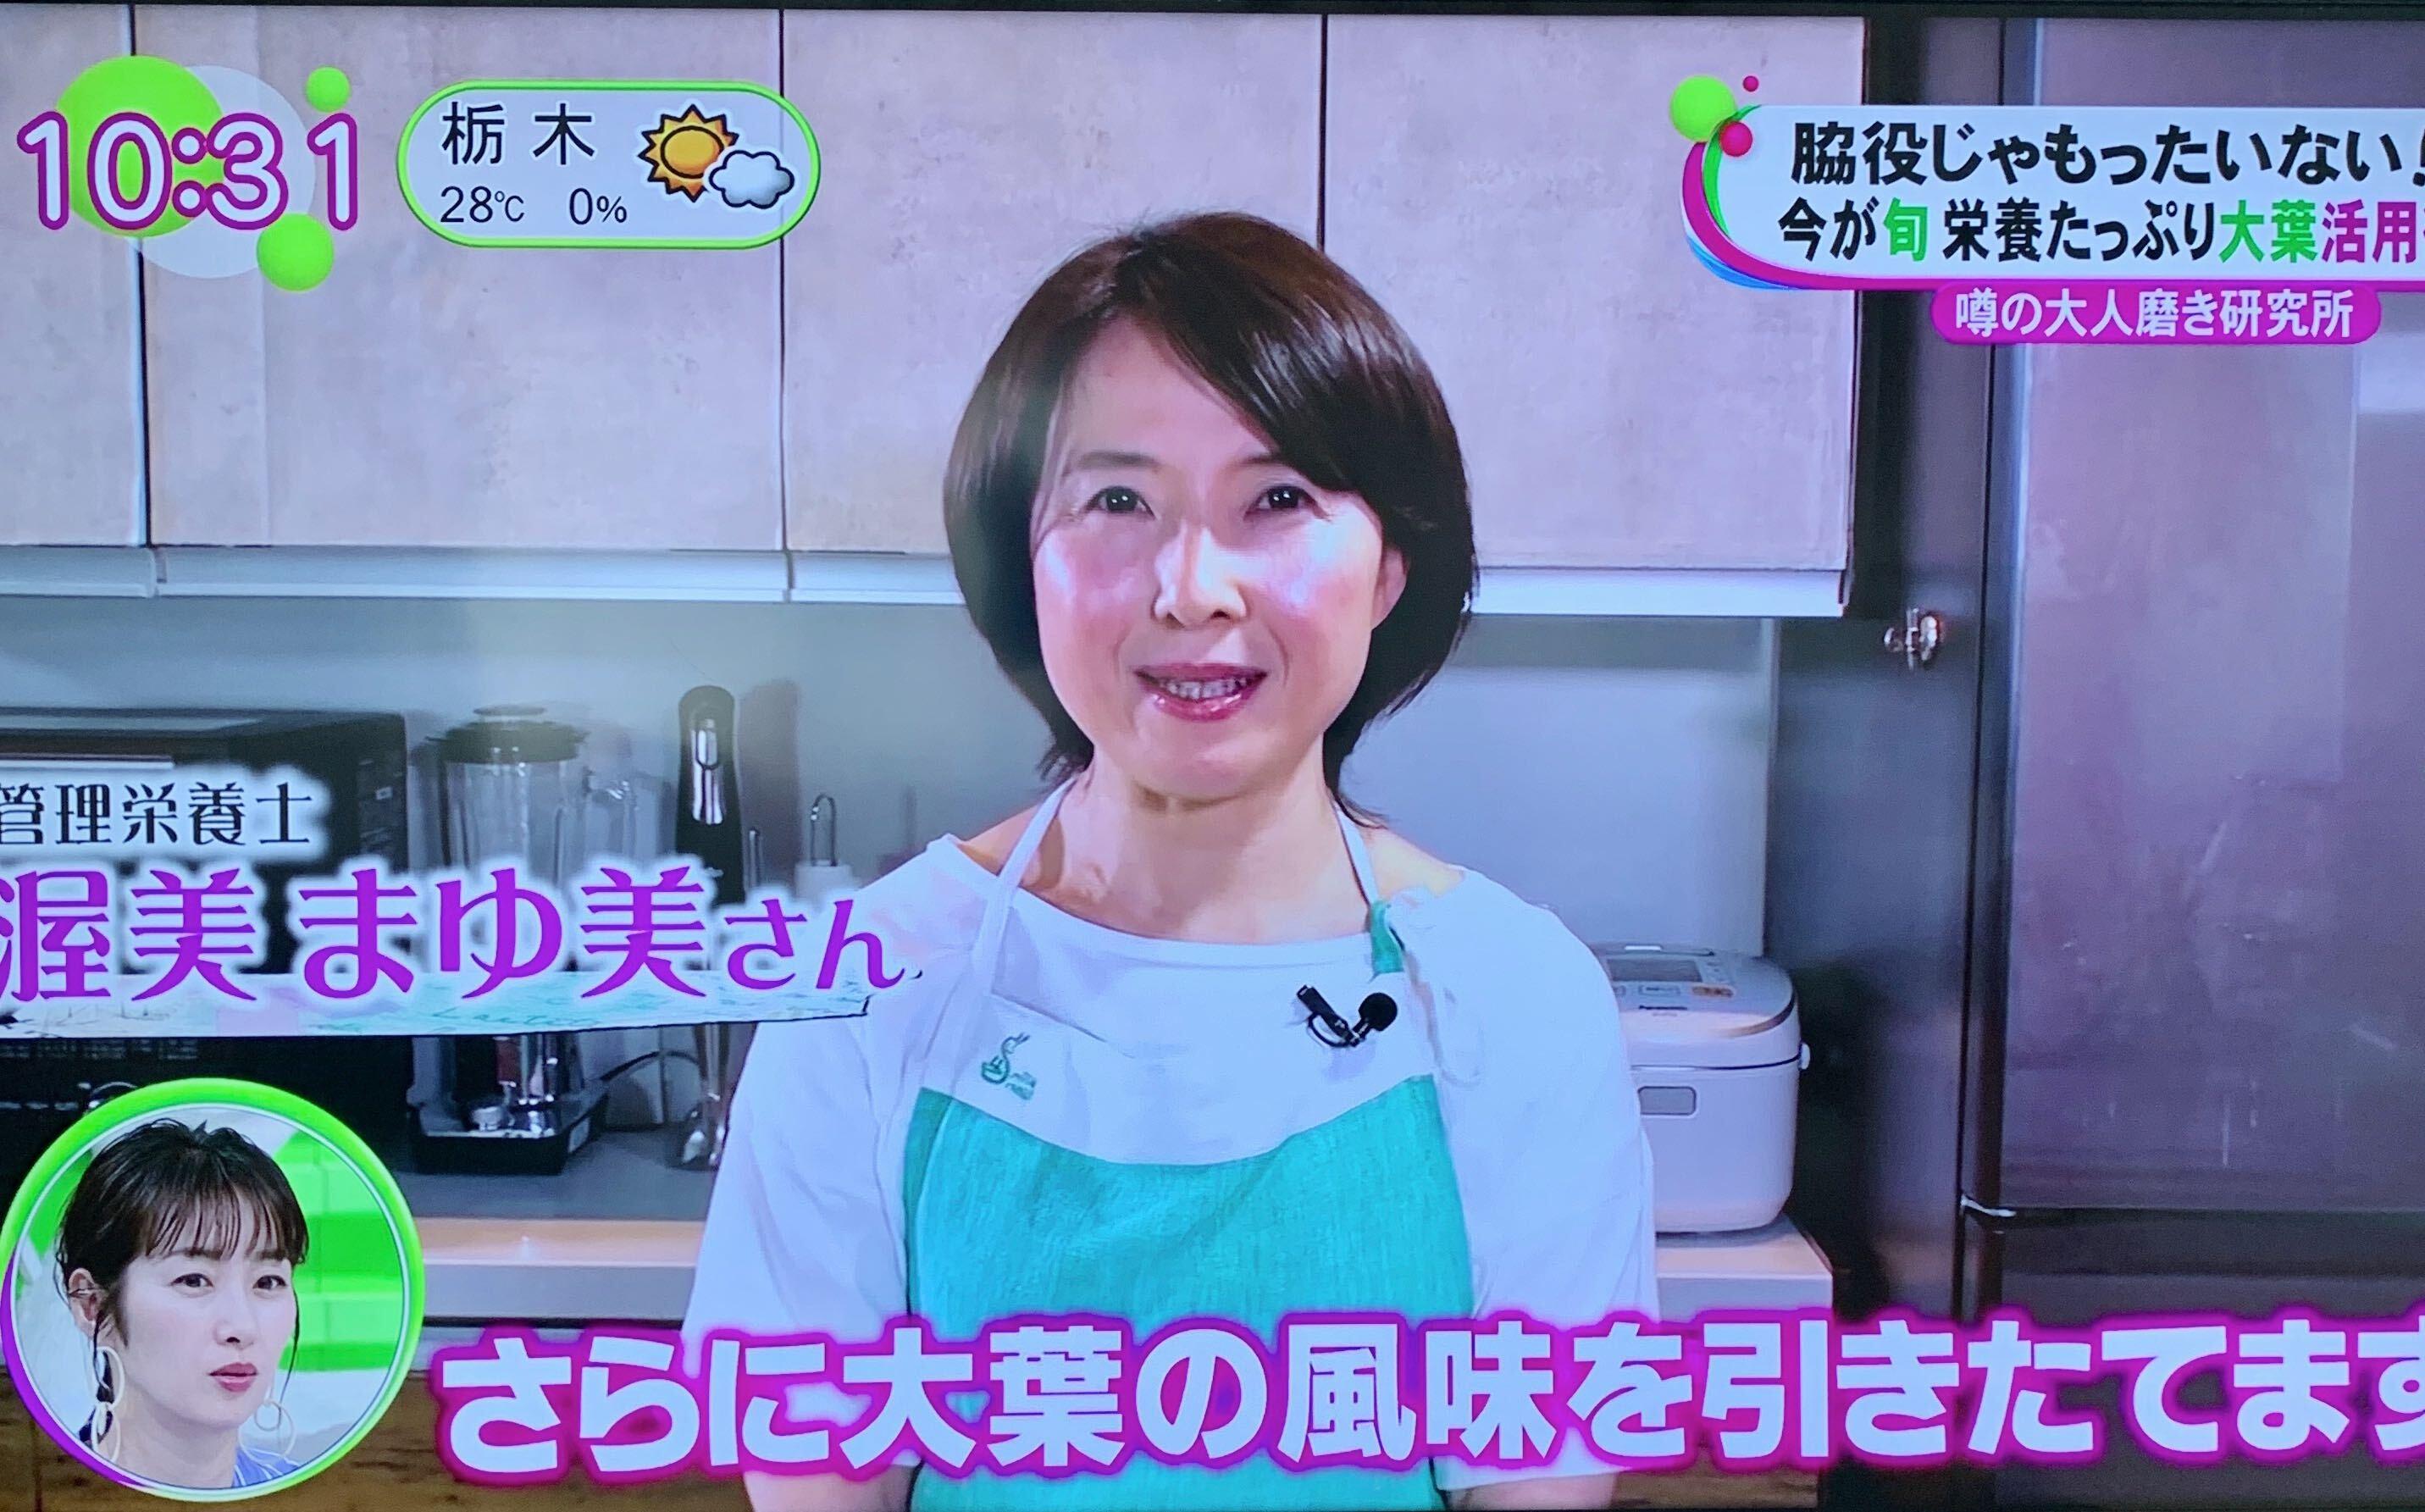 【テレビ出演】フジテレビ「ノンストップ」大葉の美味しい食べ方と保存法